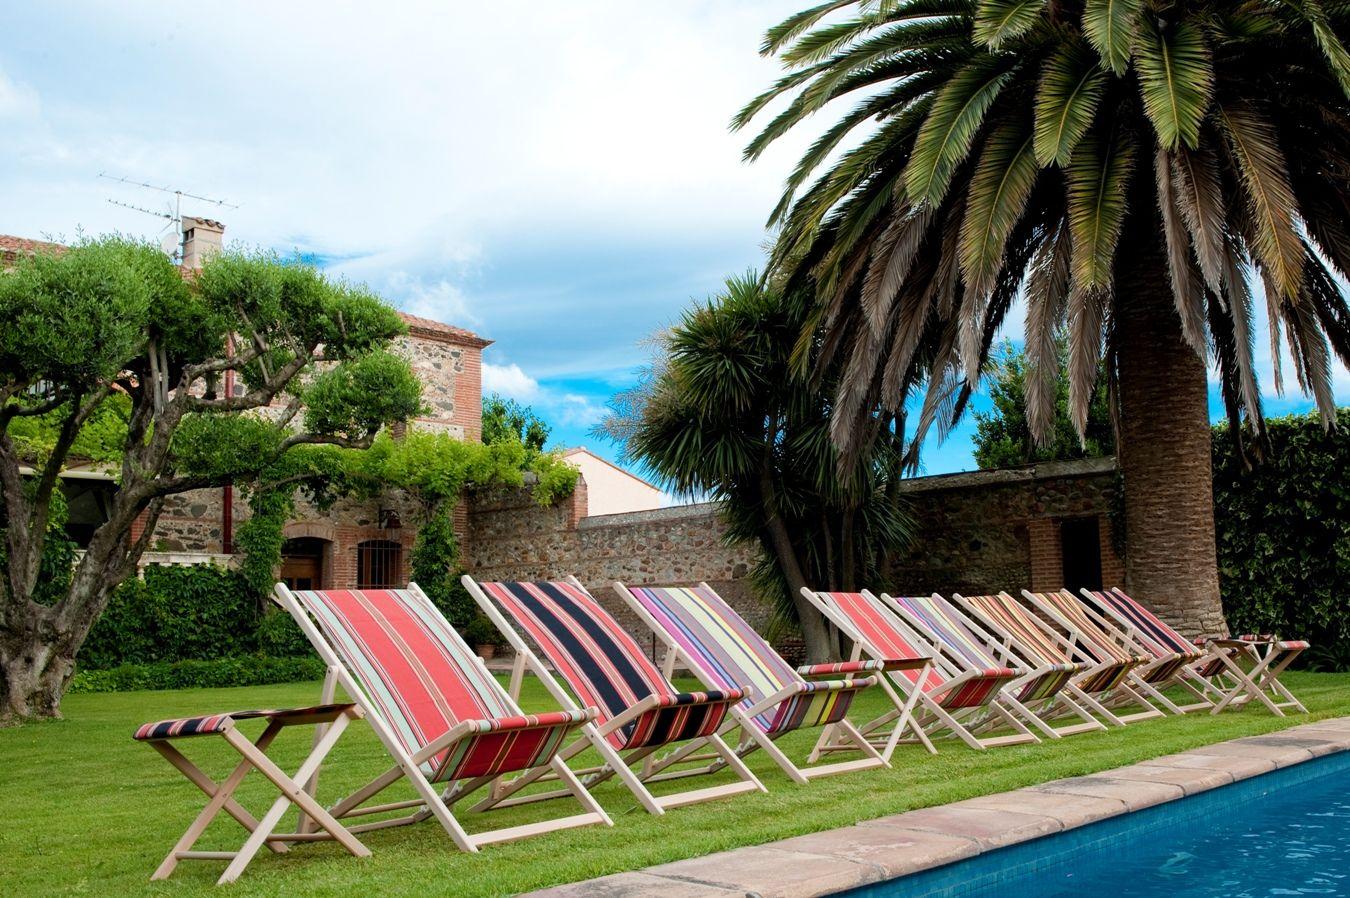 chaises longues pool pinterest toile pare soleil. Black Bedroom Furniture Sets. Home Design Ideas